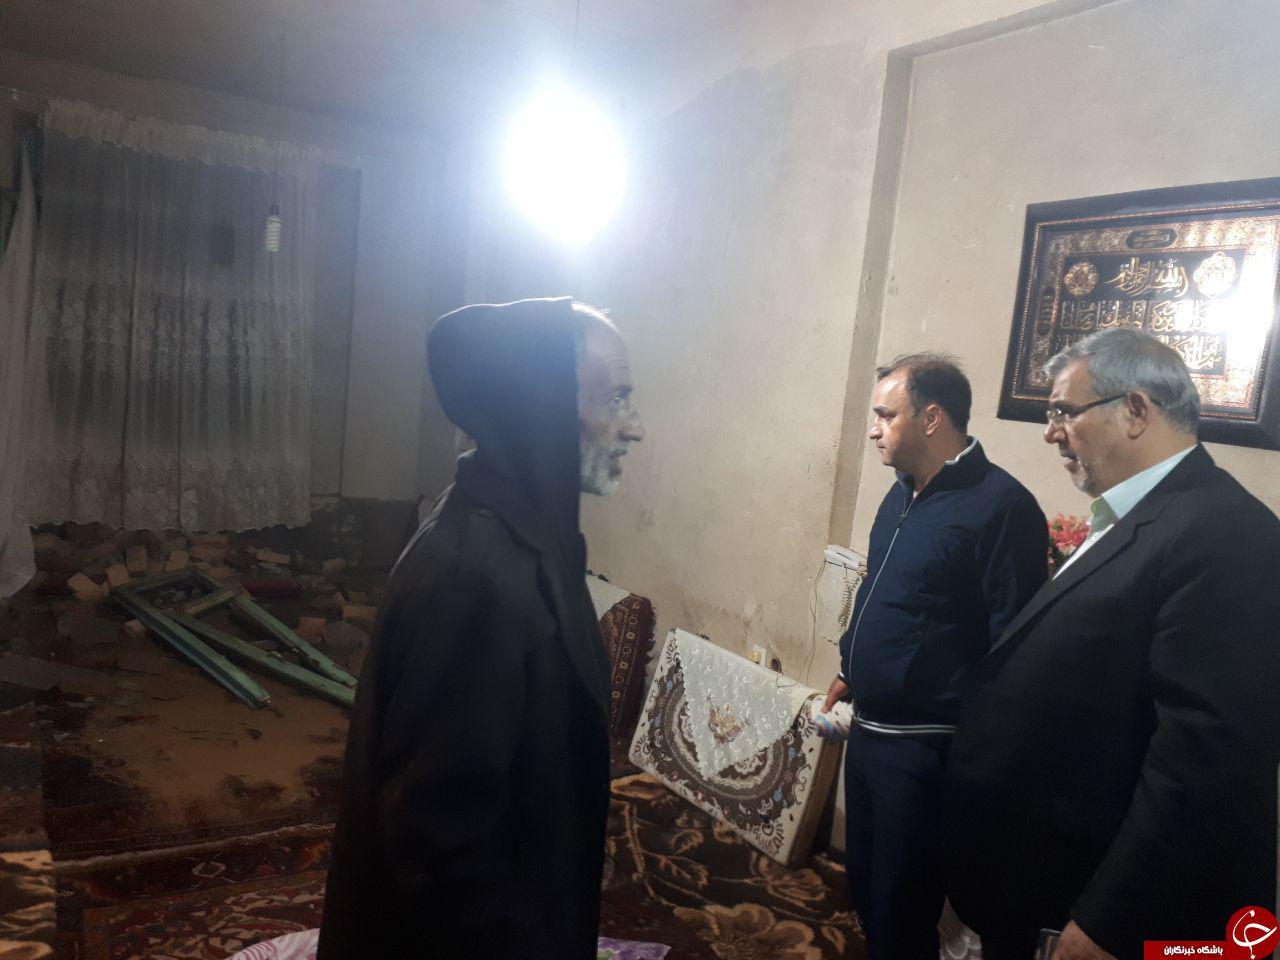 خسارتهای به جا مانده از بارش باران در کوزهکنان + تصاویر